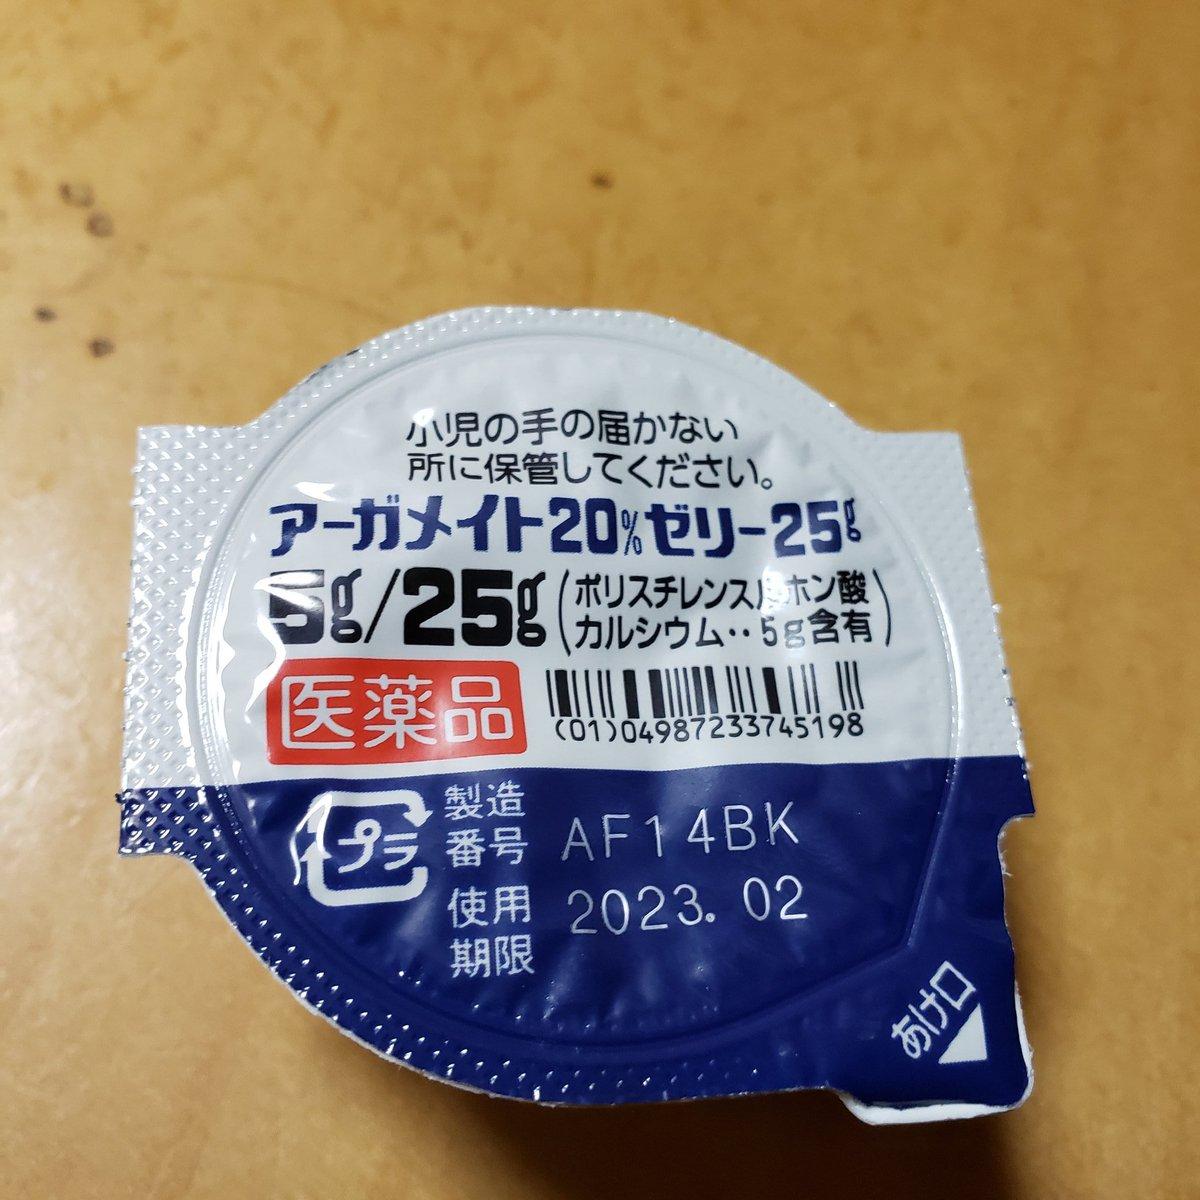 メイト ゼリー アーガ 製品Q&A 【アーガメイト(新販売名:ポリスチレンスルホン酸Ca)】